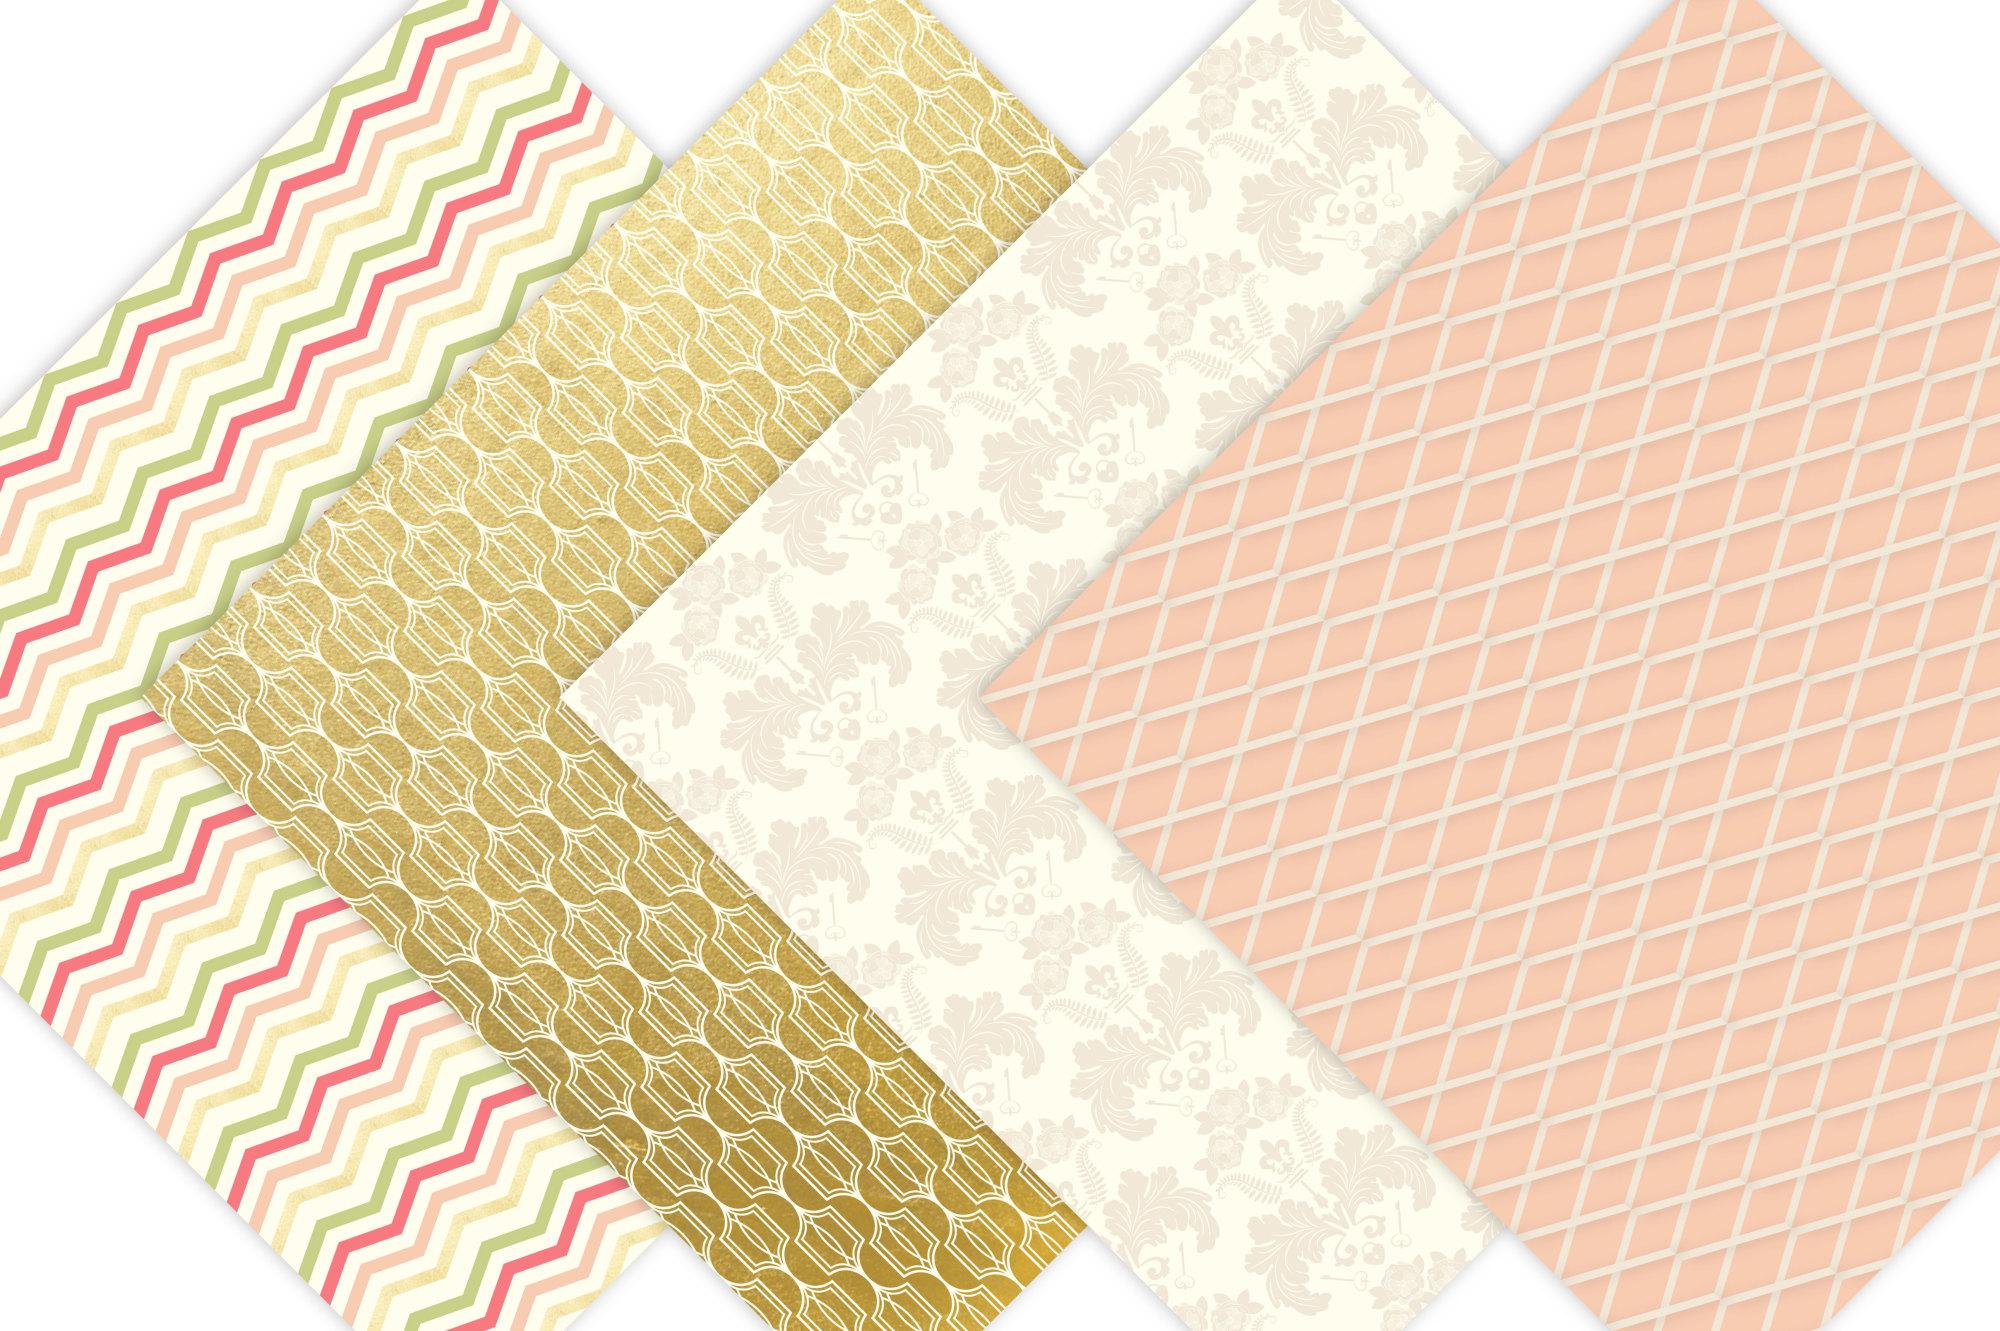 Gold Floral Digital Patterns - Digital Scrapbook Paper example image 4